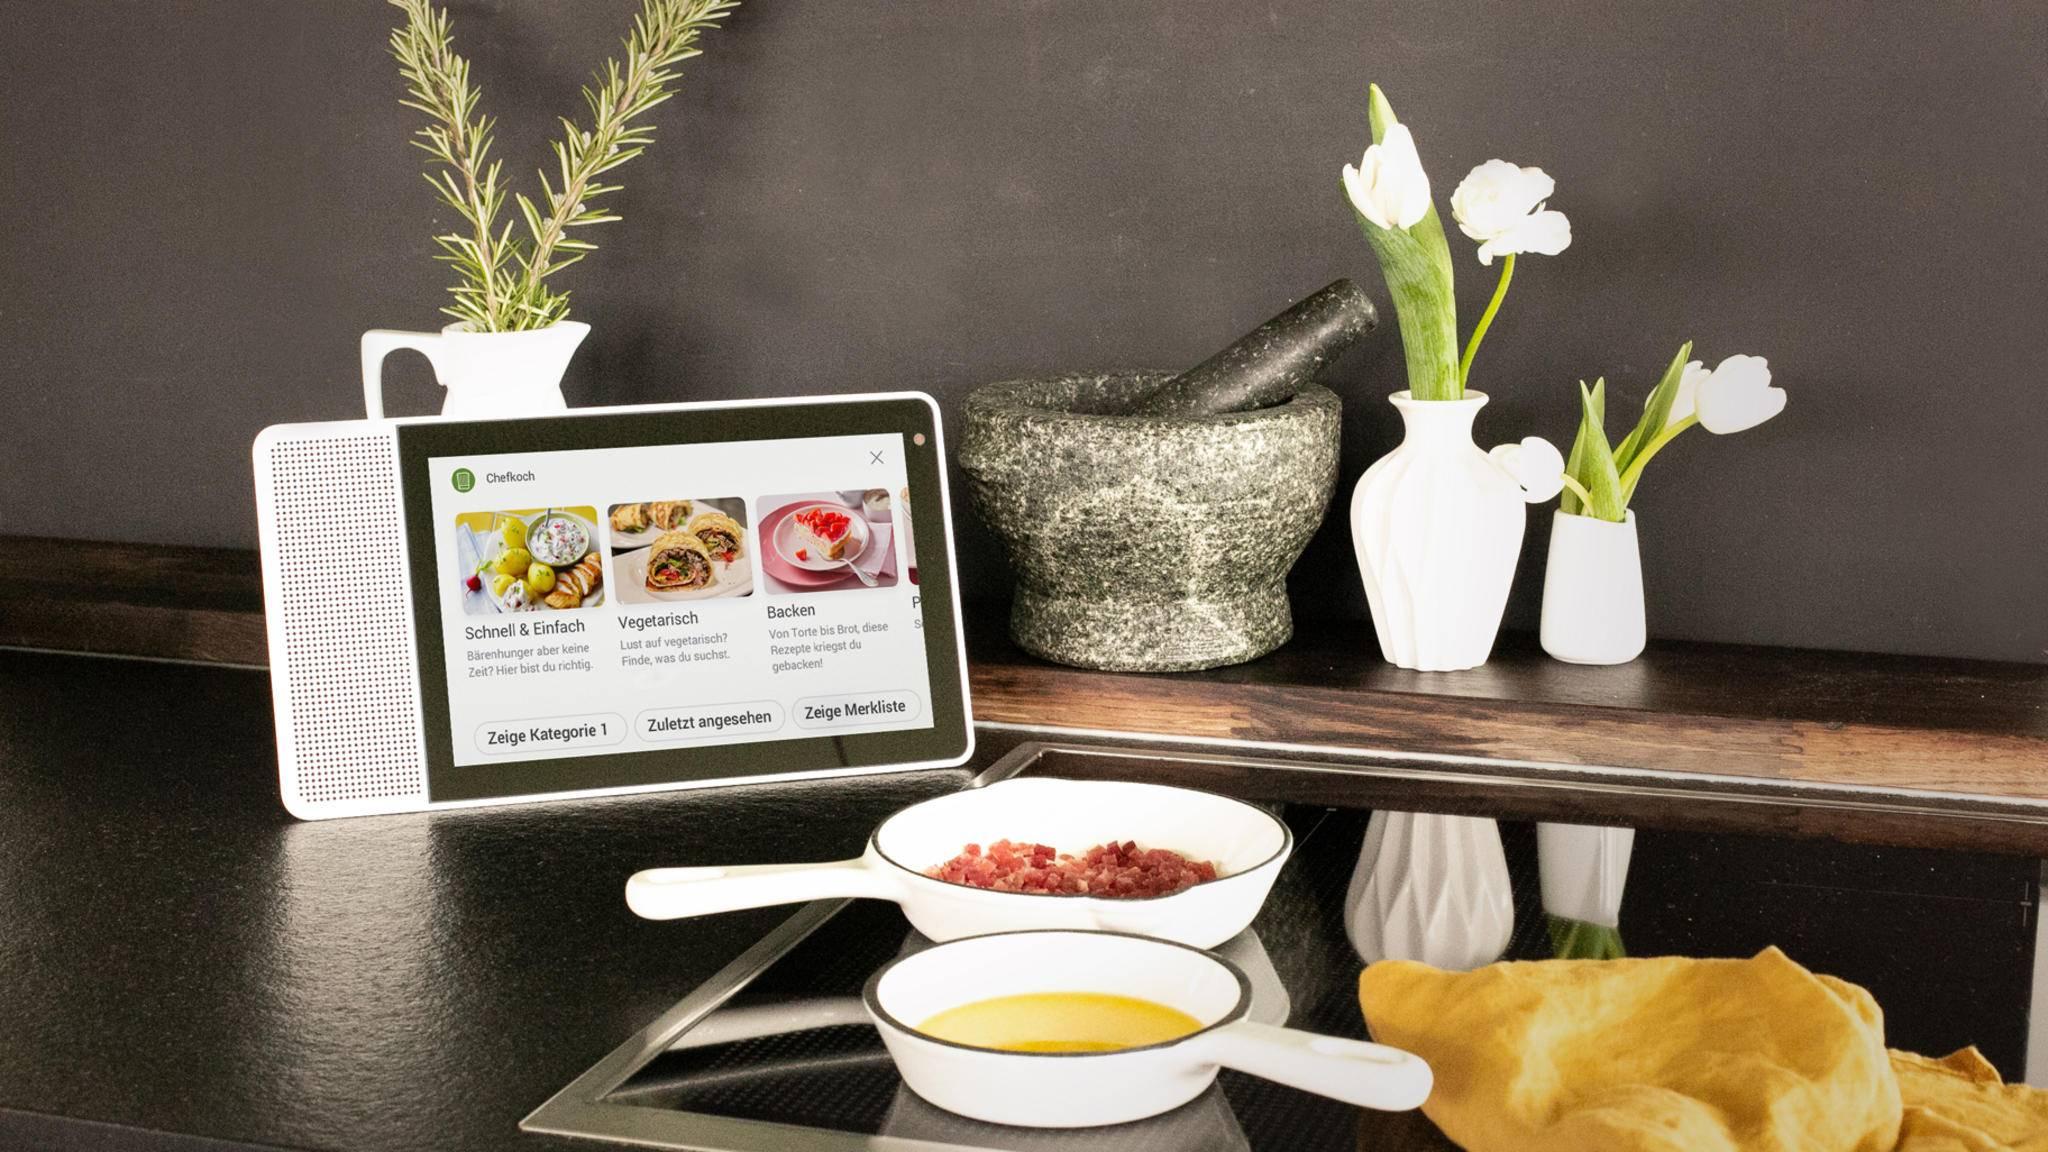 Chefkoch hat sein Voice-Angebot für Smart Displays optimiert.